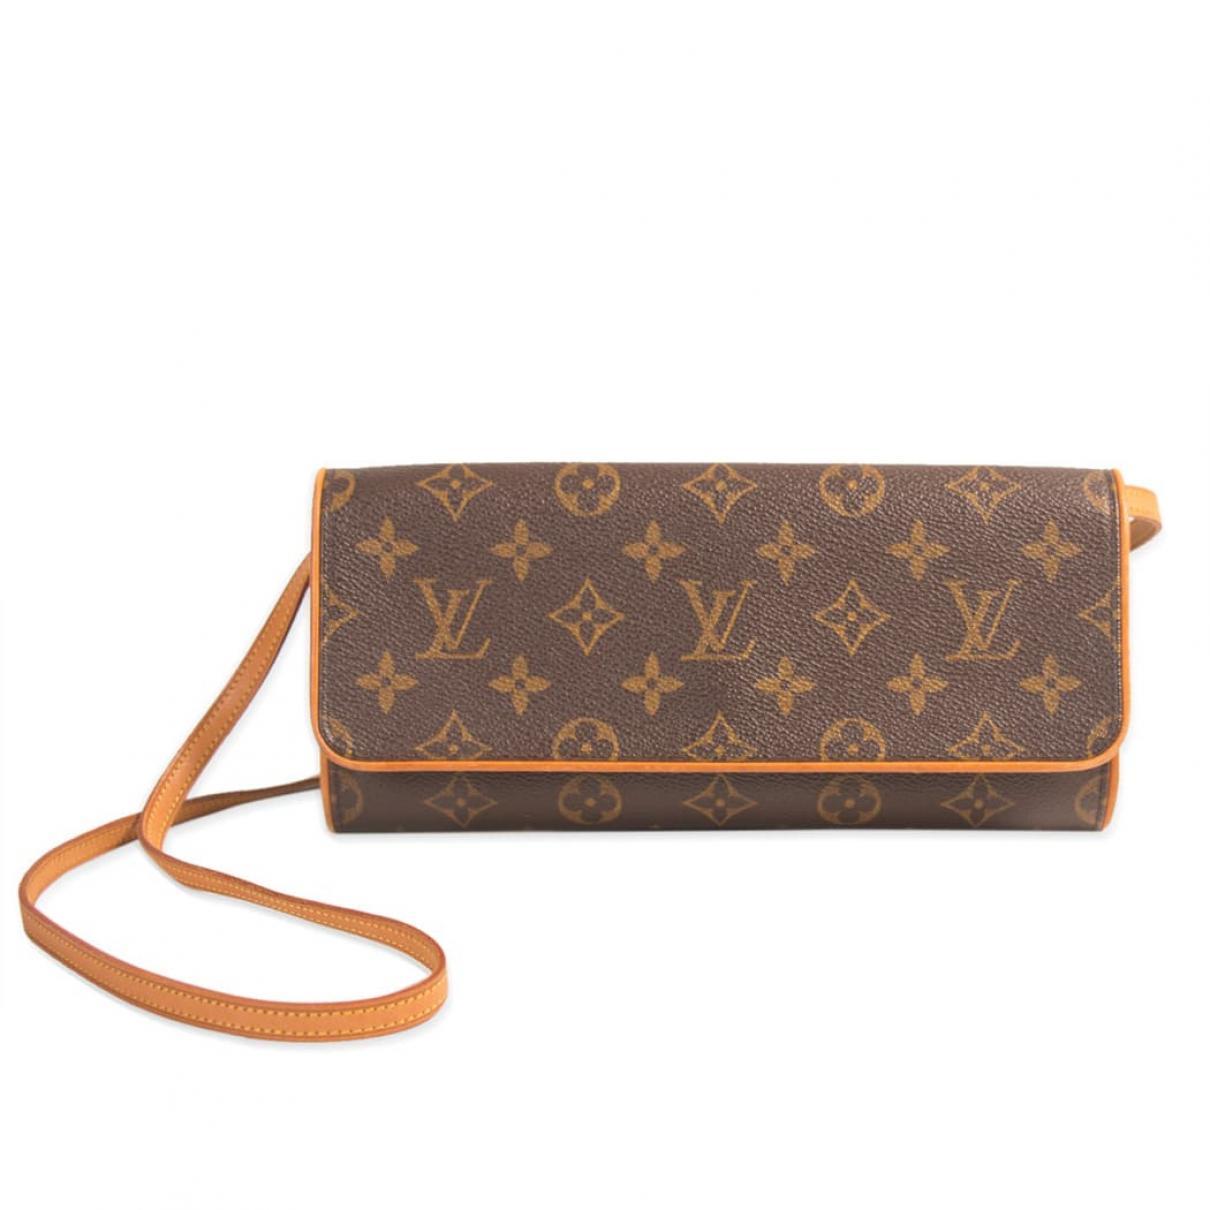 96d1f23cdd4e Louis Vuitton Twin Brown Cloth Handbag in Brown - Lyst